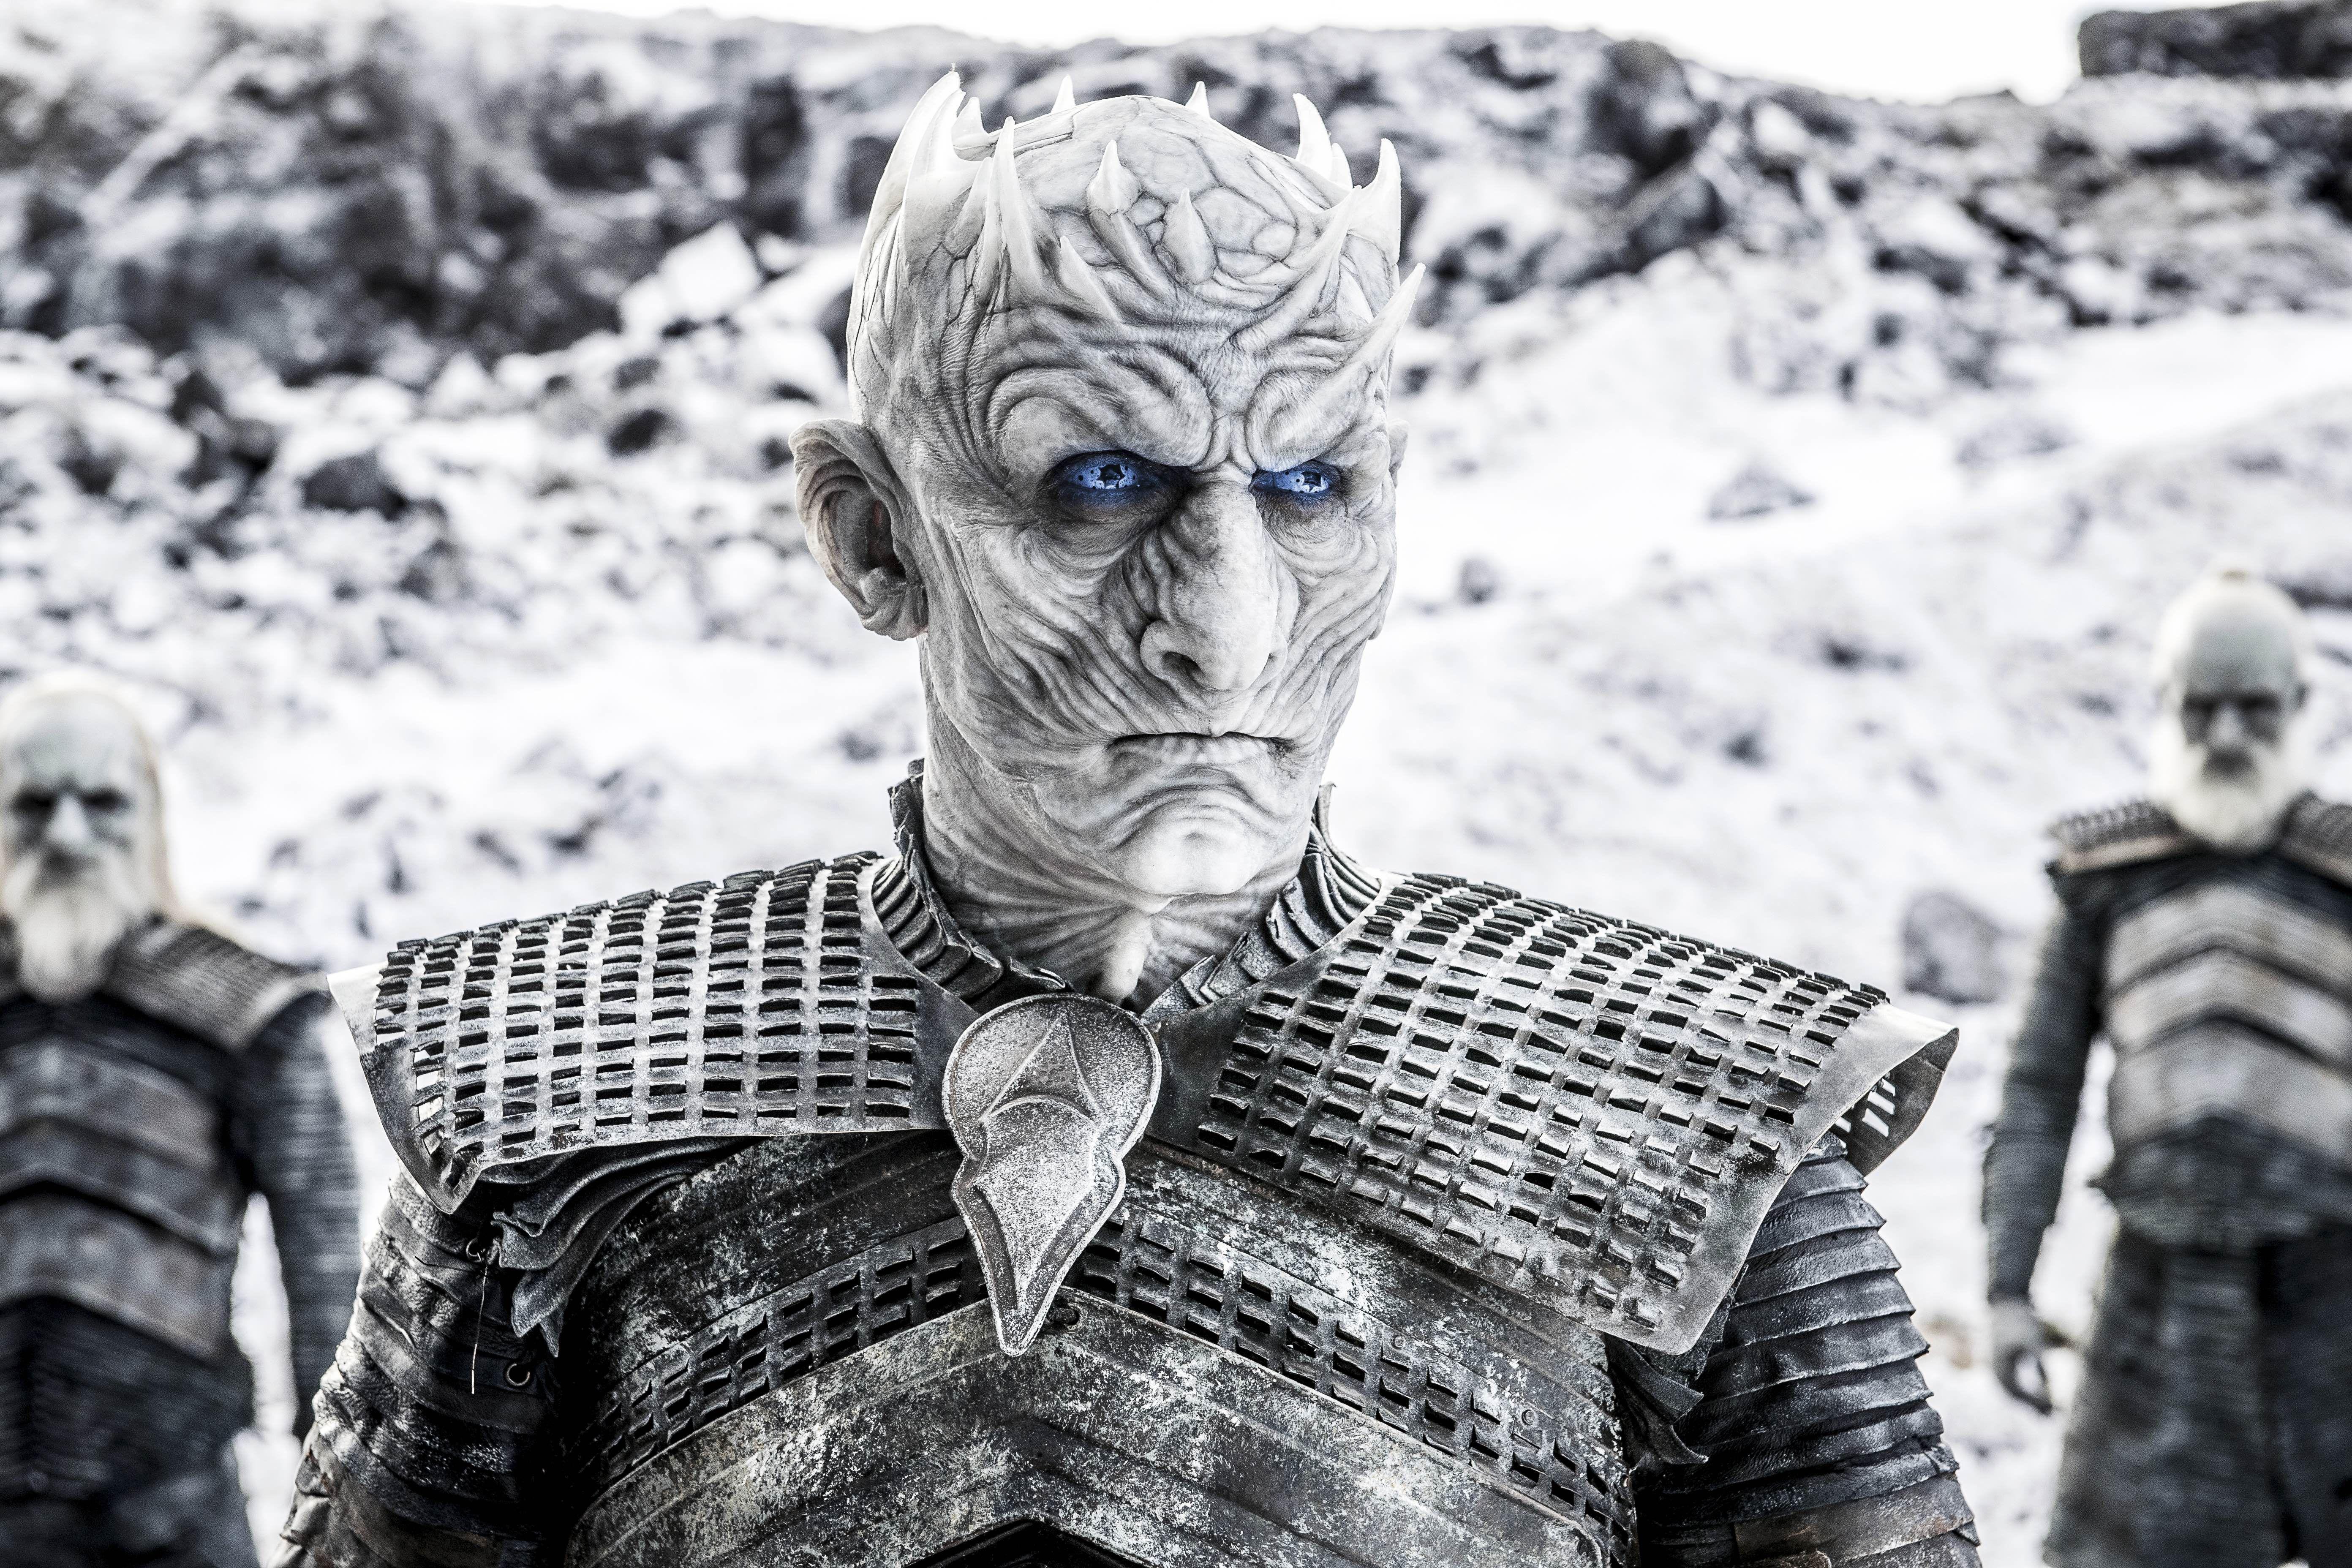 'Juego de tronos': Este es el origen del Rey de la Noche en la serie de HBO, según Weiss y Benioff